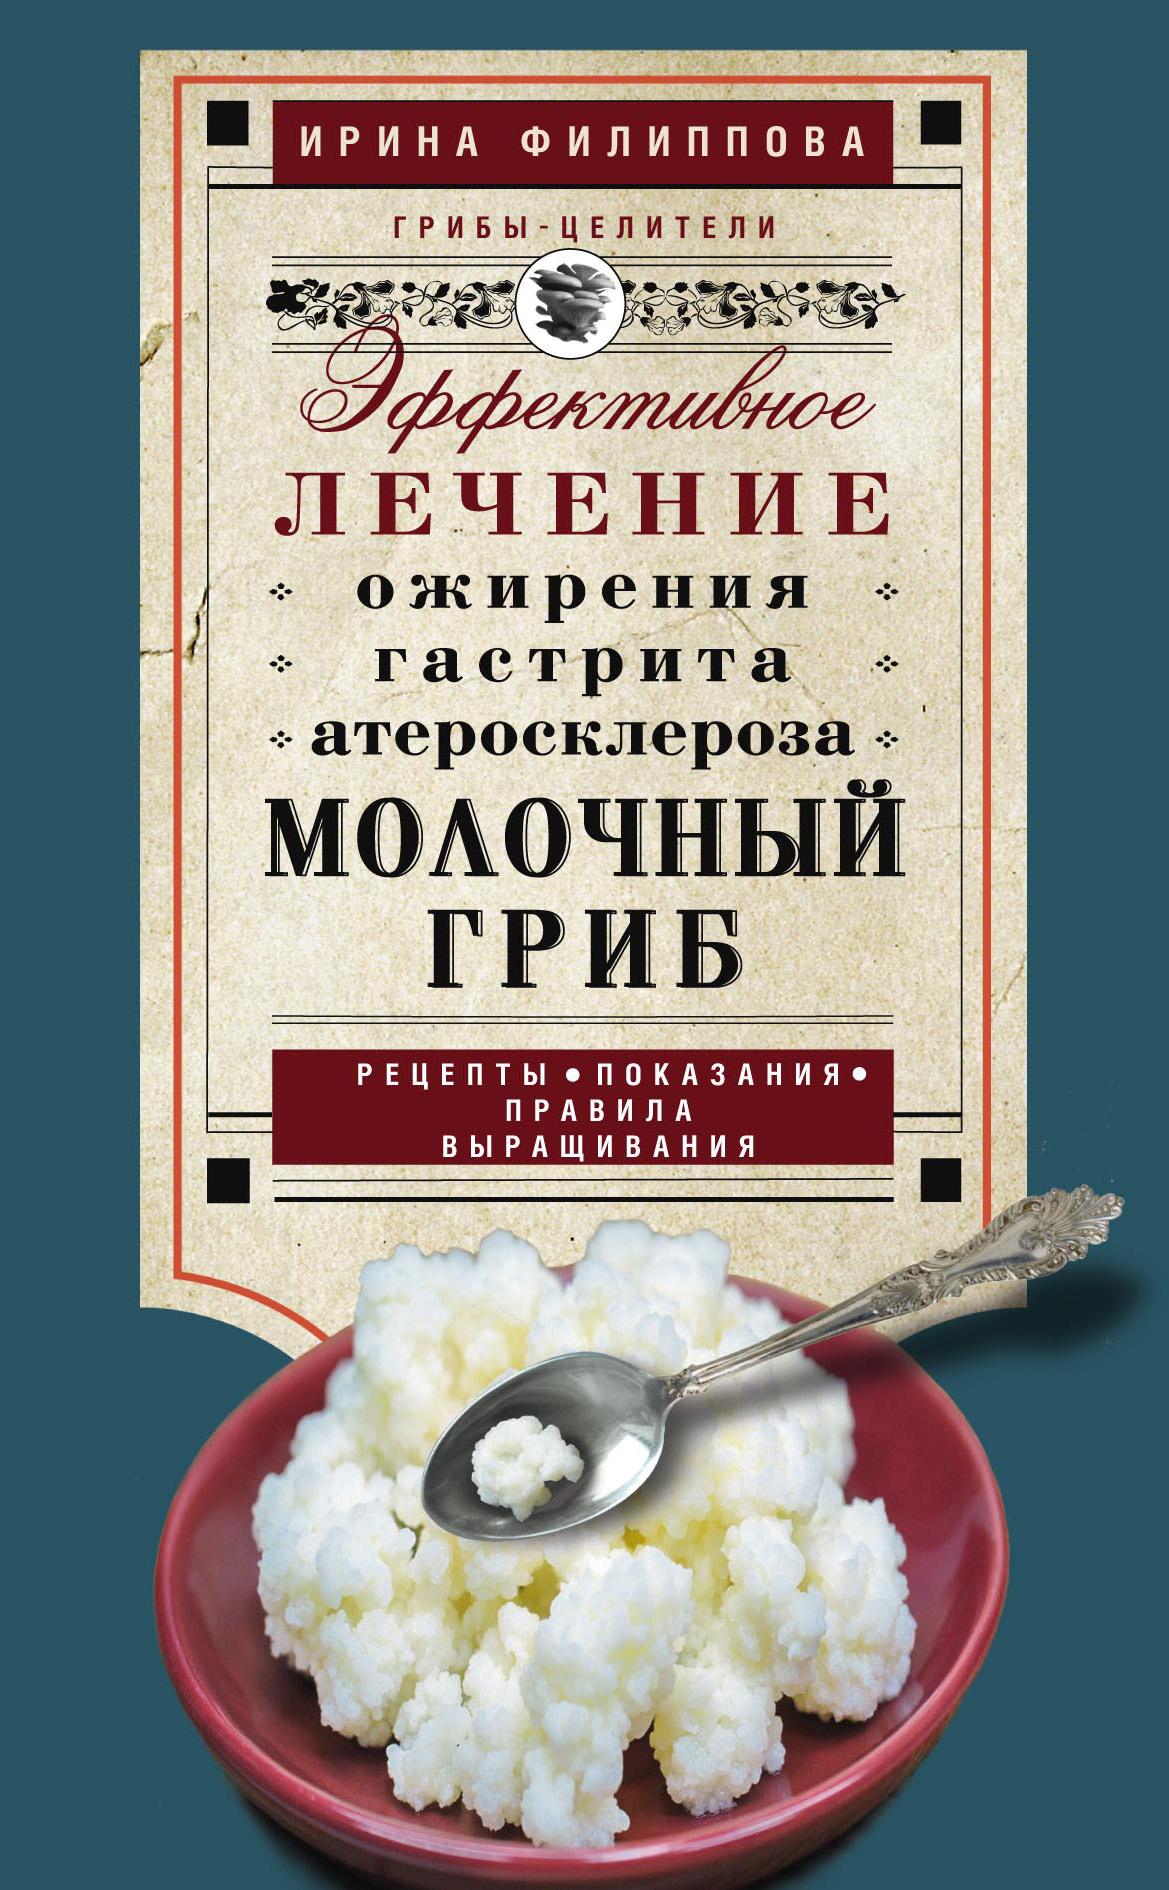 Ирина Филиппова «Молочный гриб. Эффективное лечение ожирения, гастрита, атеросклероза…»